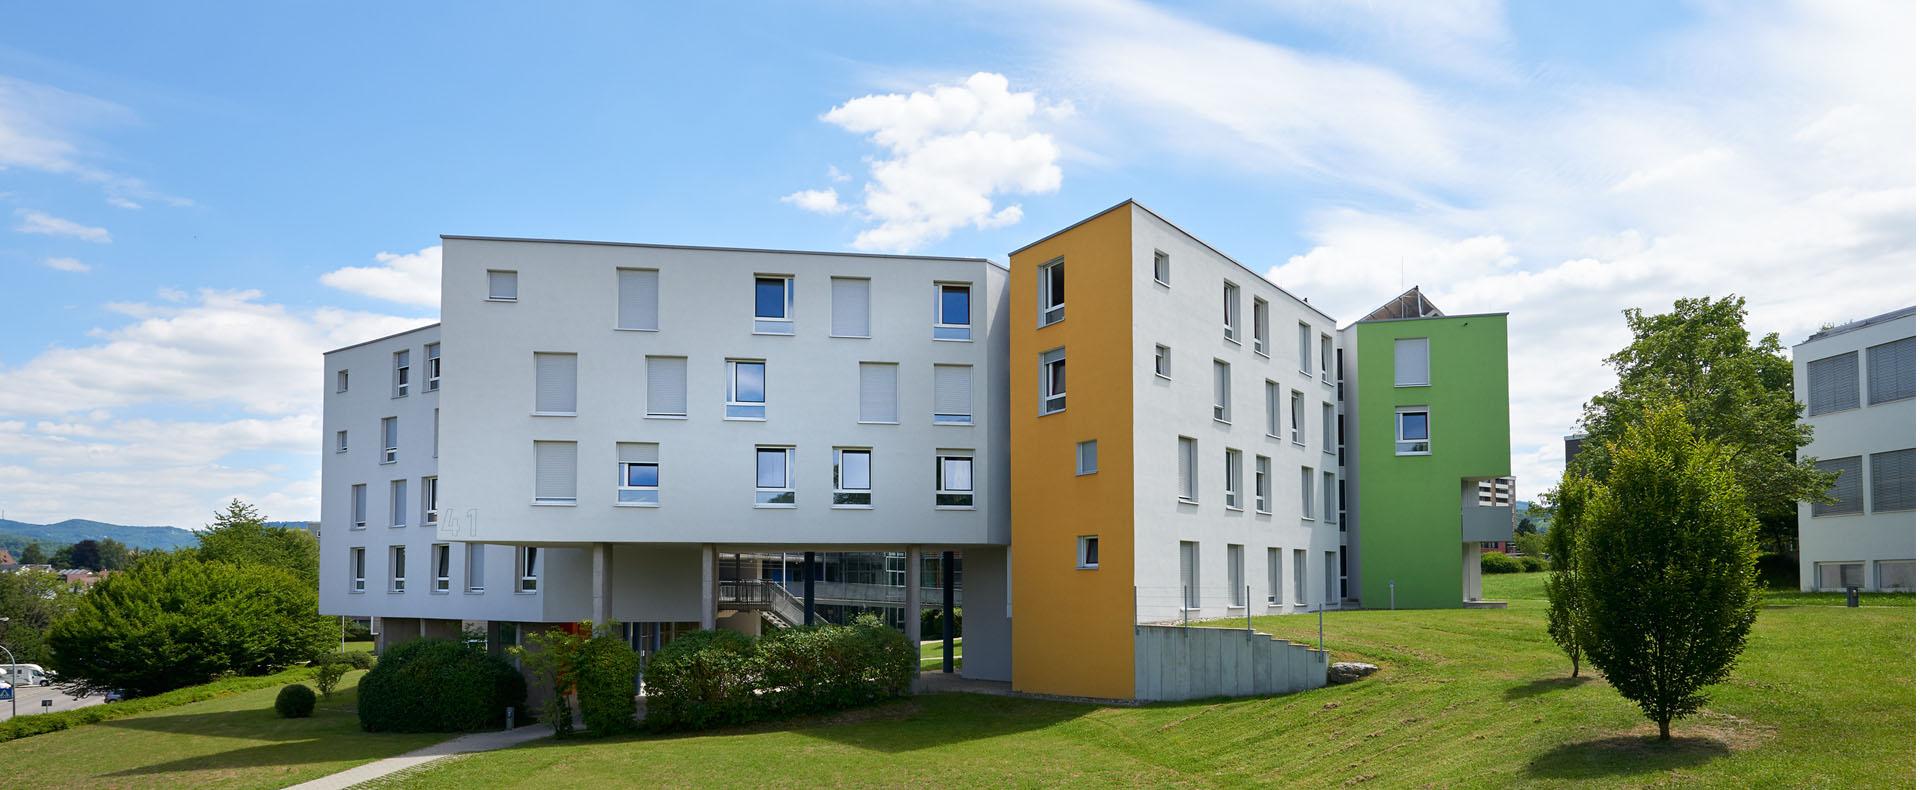 Architekten Reutlingen studenten und gästehaus in reutlingen l e k architekten